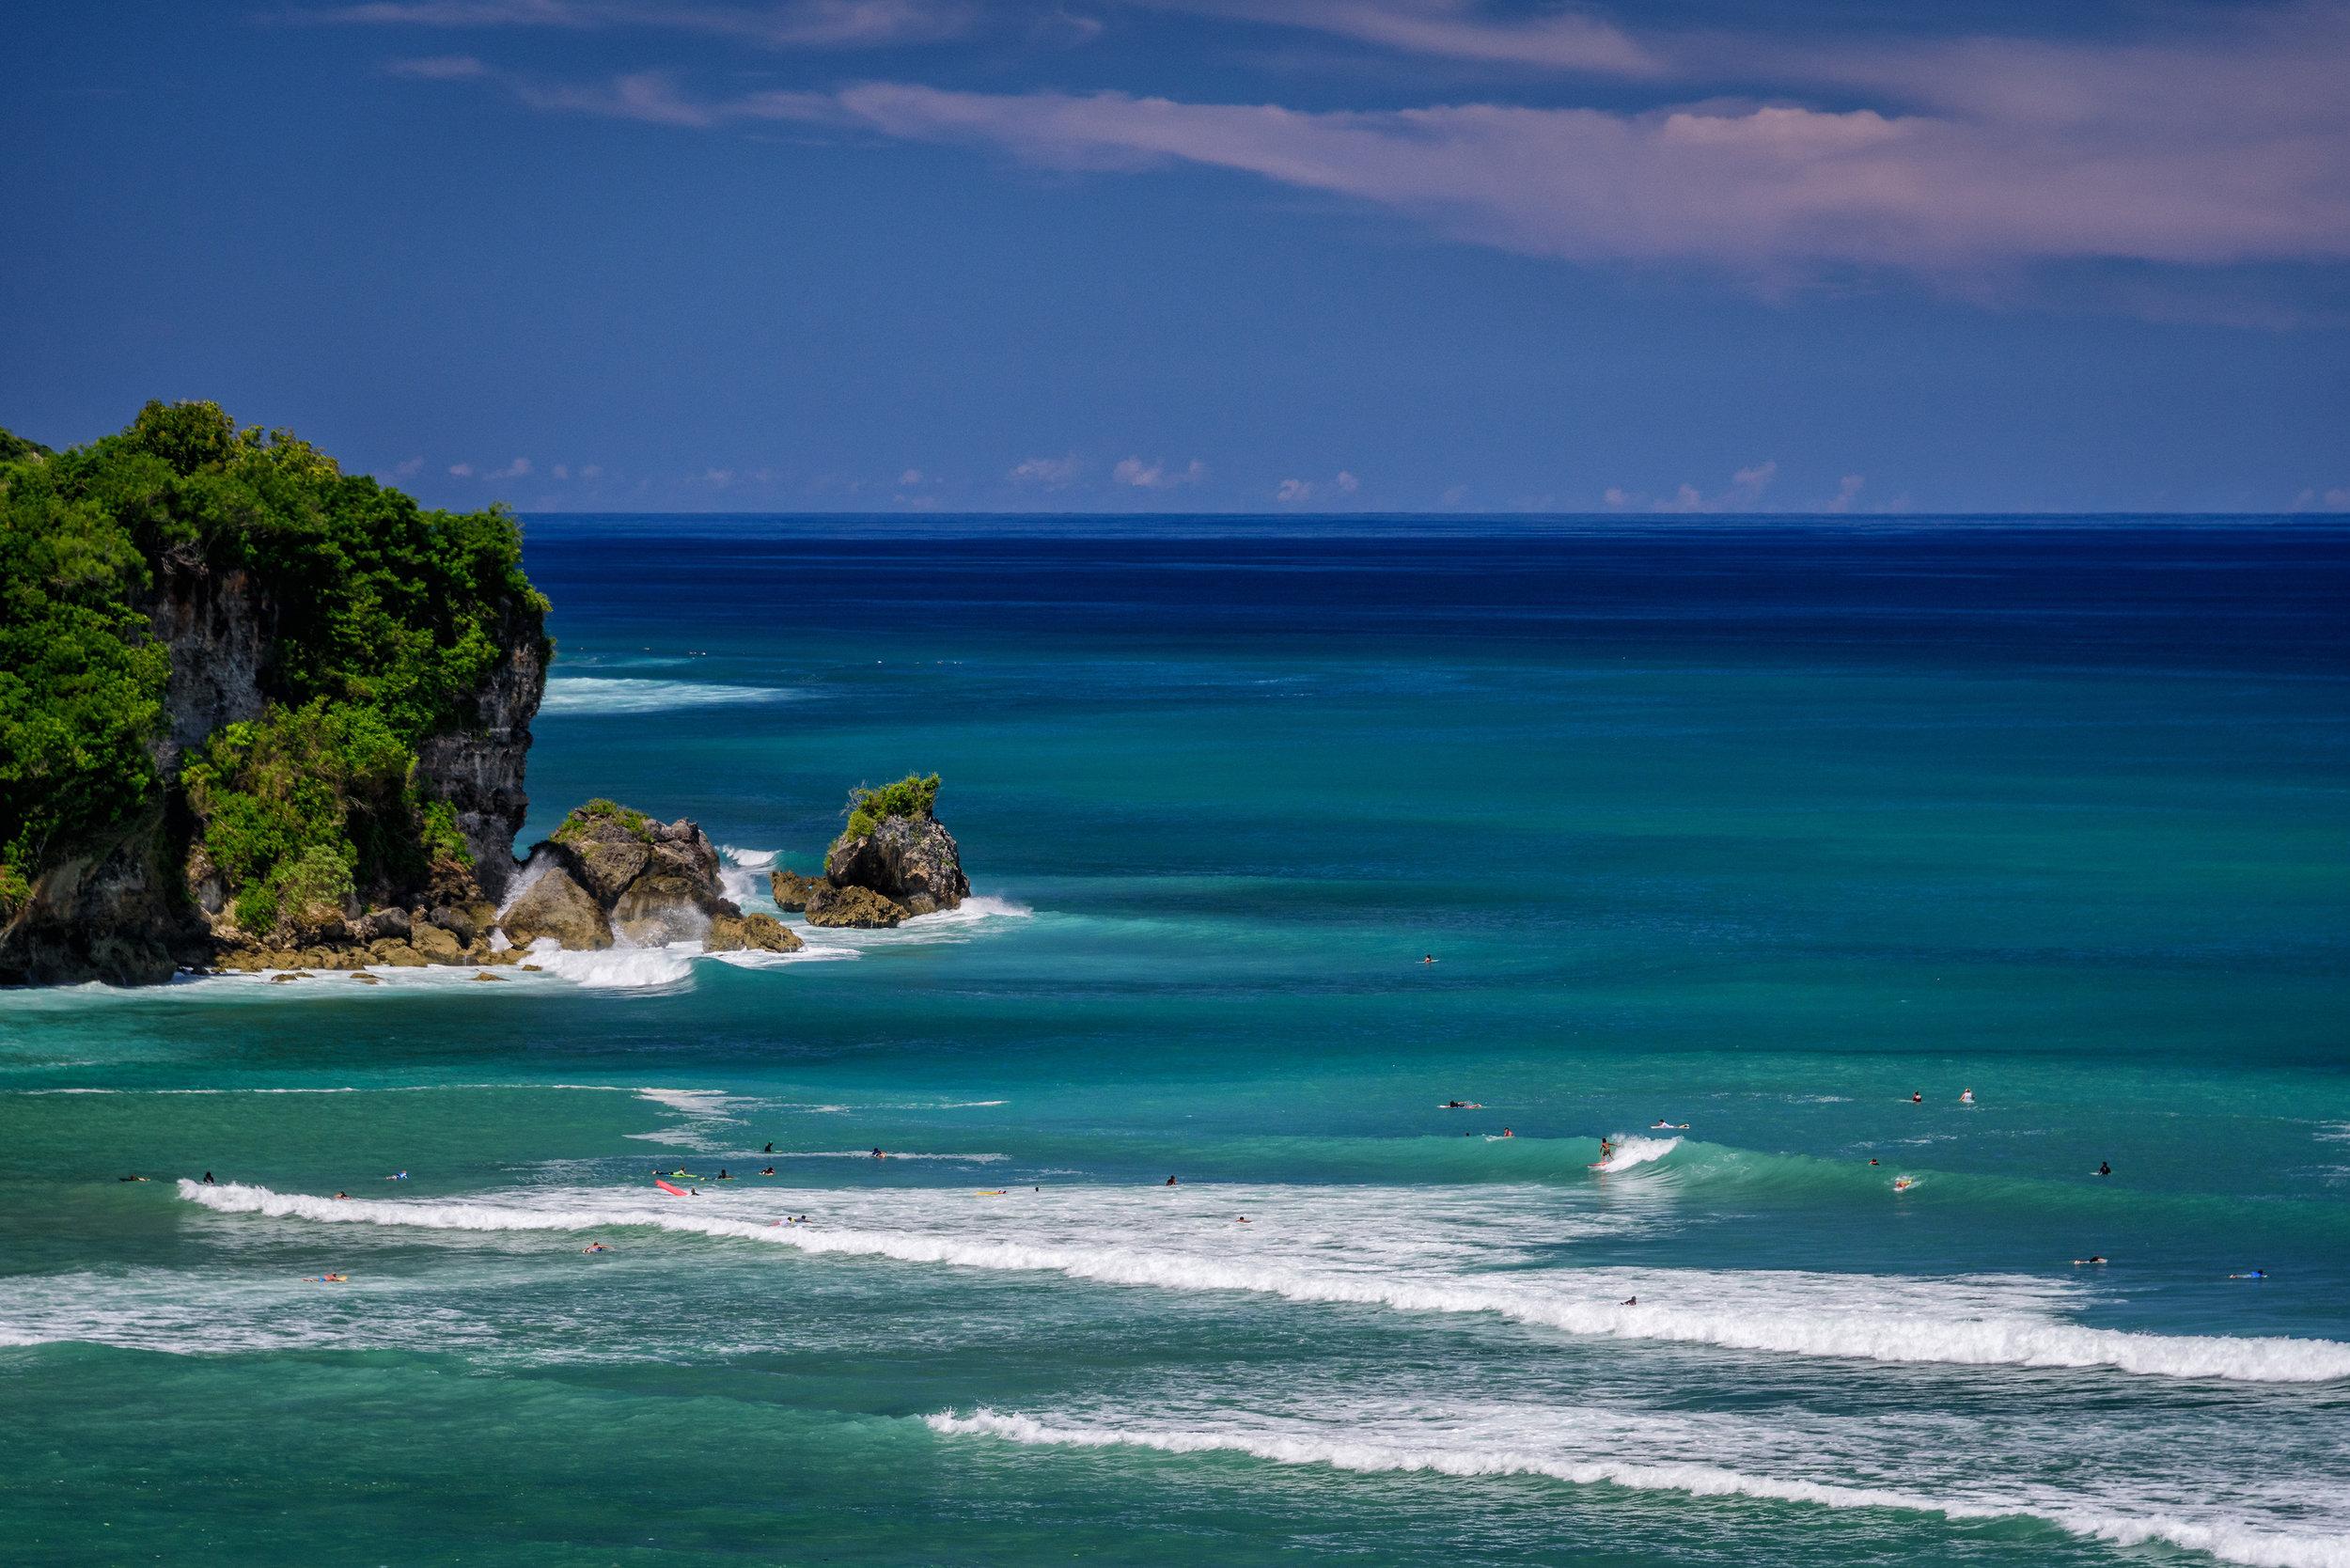 11. Anantara Uluwatu Surfing (4).jpg